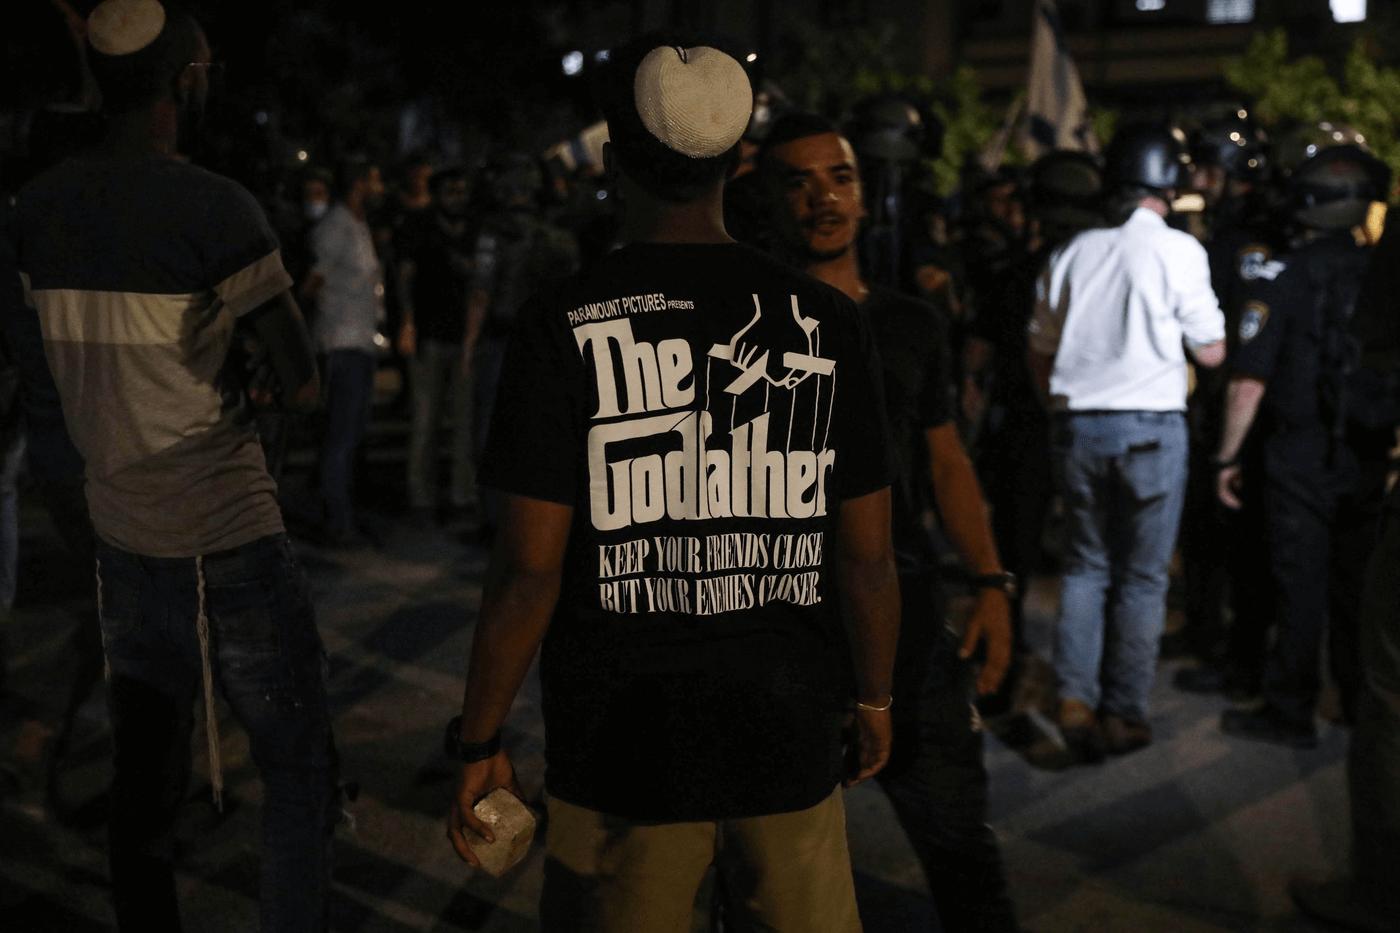 פעיל ימין אמש בשעות הלילה בעיר לוד (13.5). צילום: רויטרס